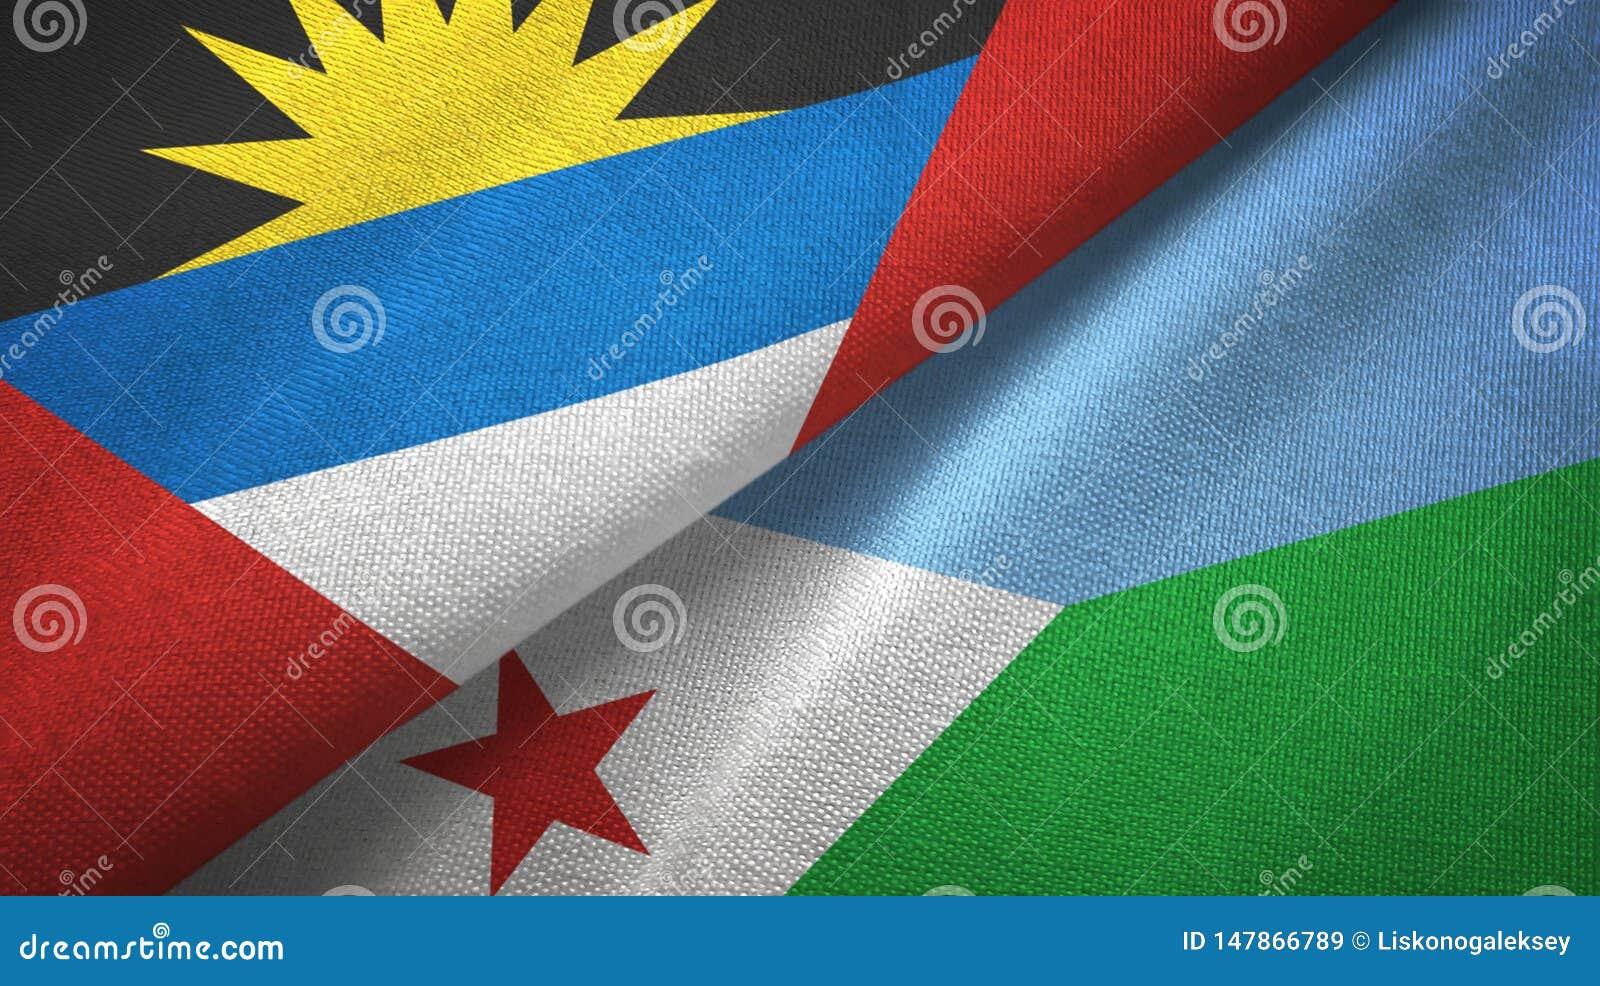 Antigua und Barbuda- und Dschibuti-zwei Flaggentextilstoff, Gewebebeschaffenheit